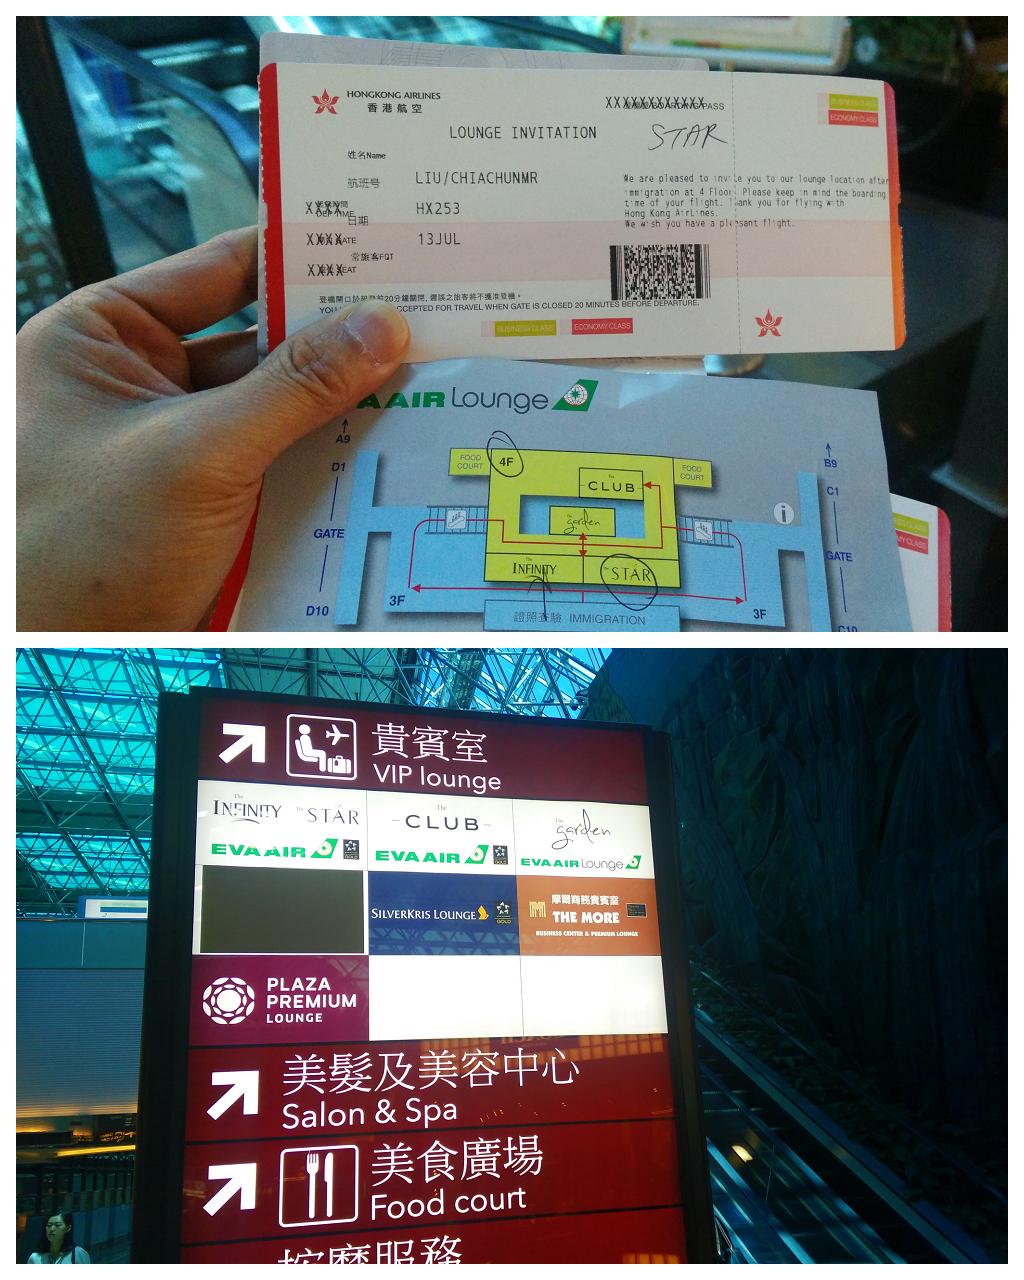 黑老闆說:香港航空在桃園國際機場使用長榮貴賓室